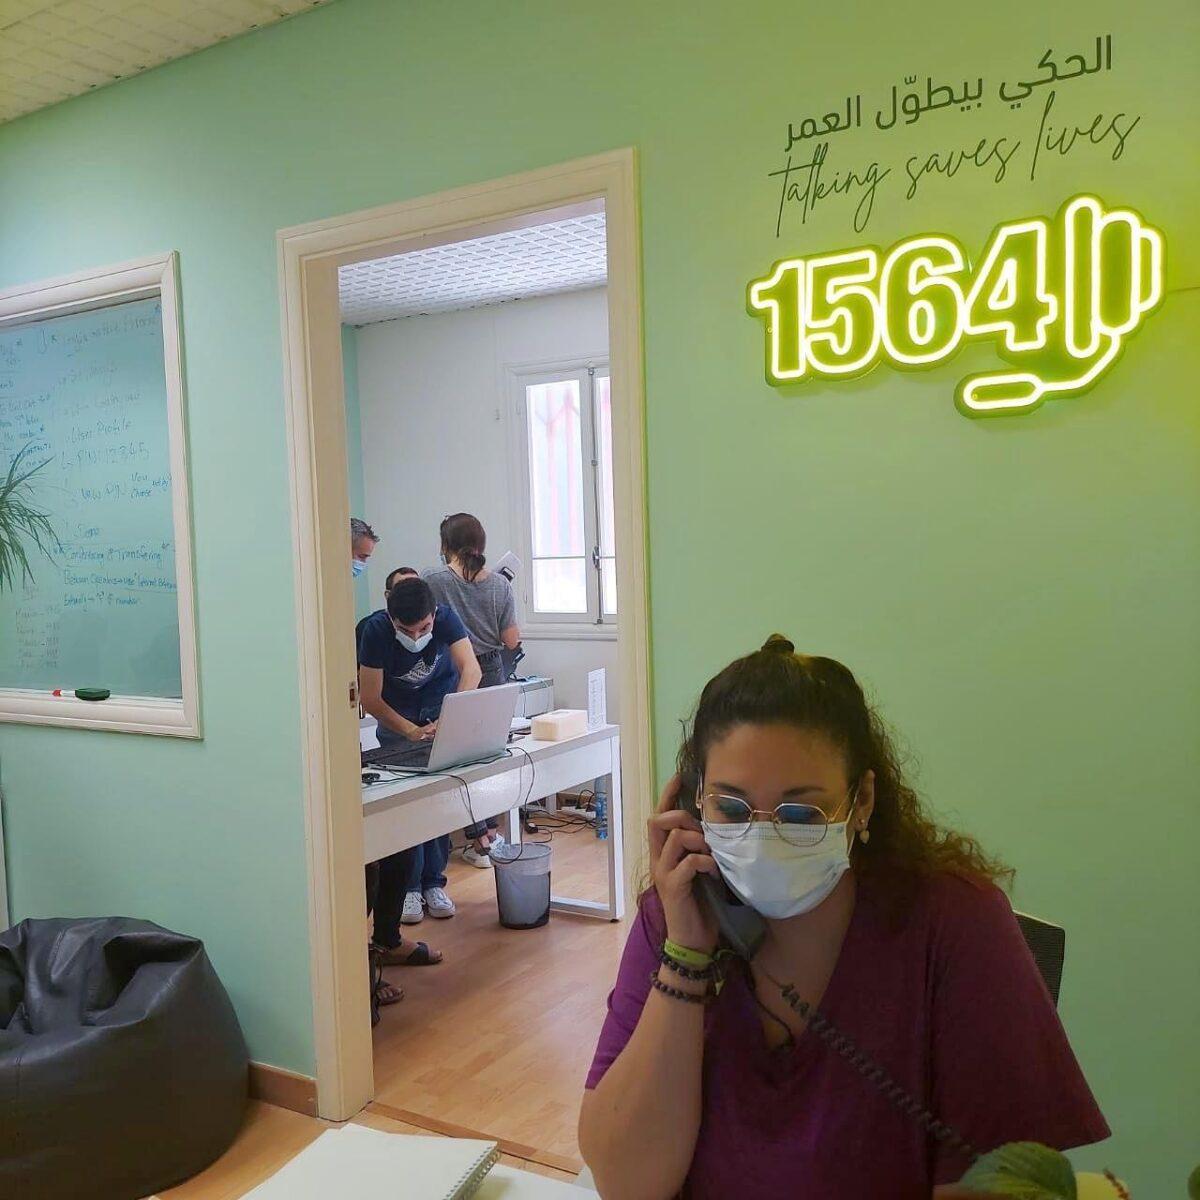 Operators working on Embrace Lebanon's Helpline